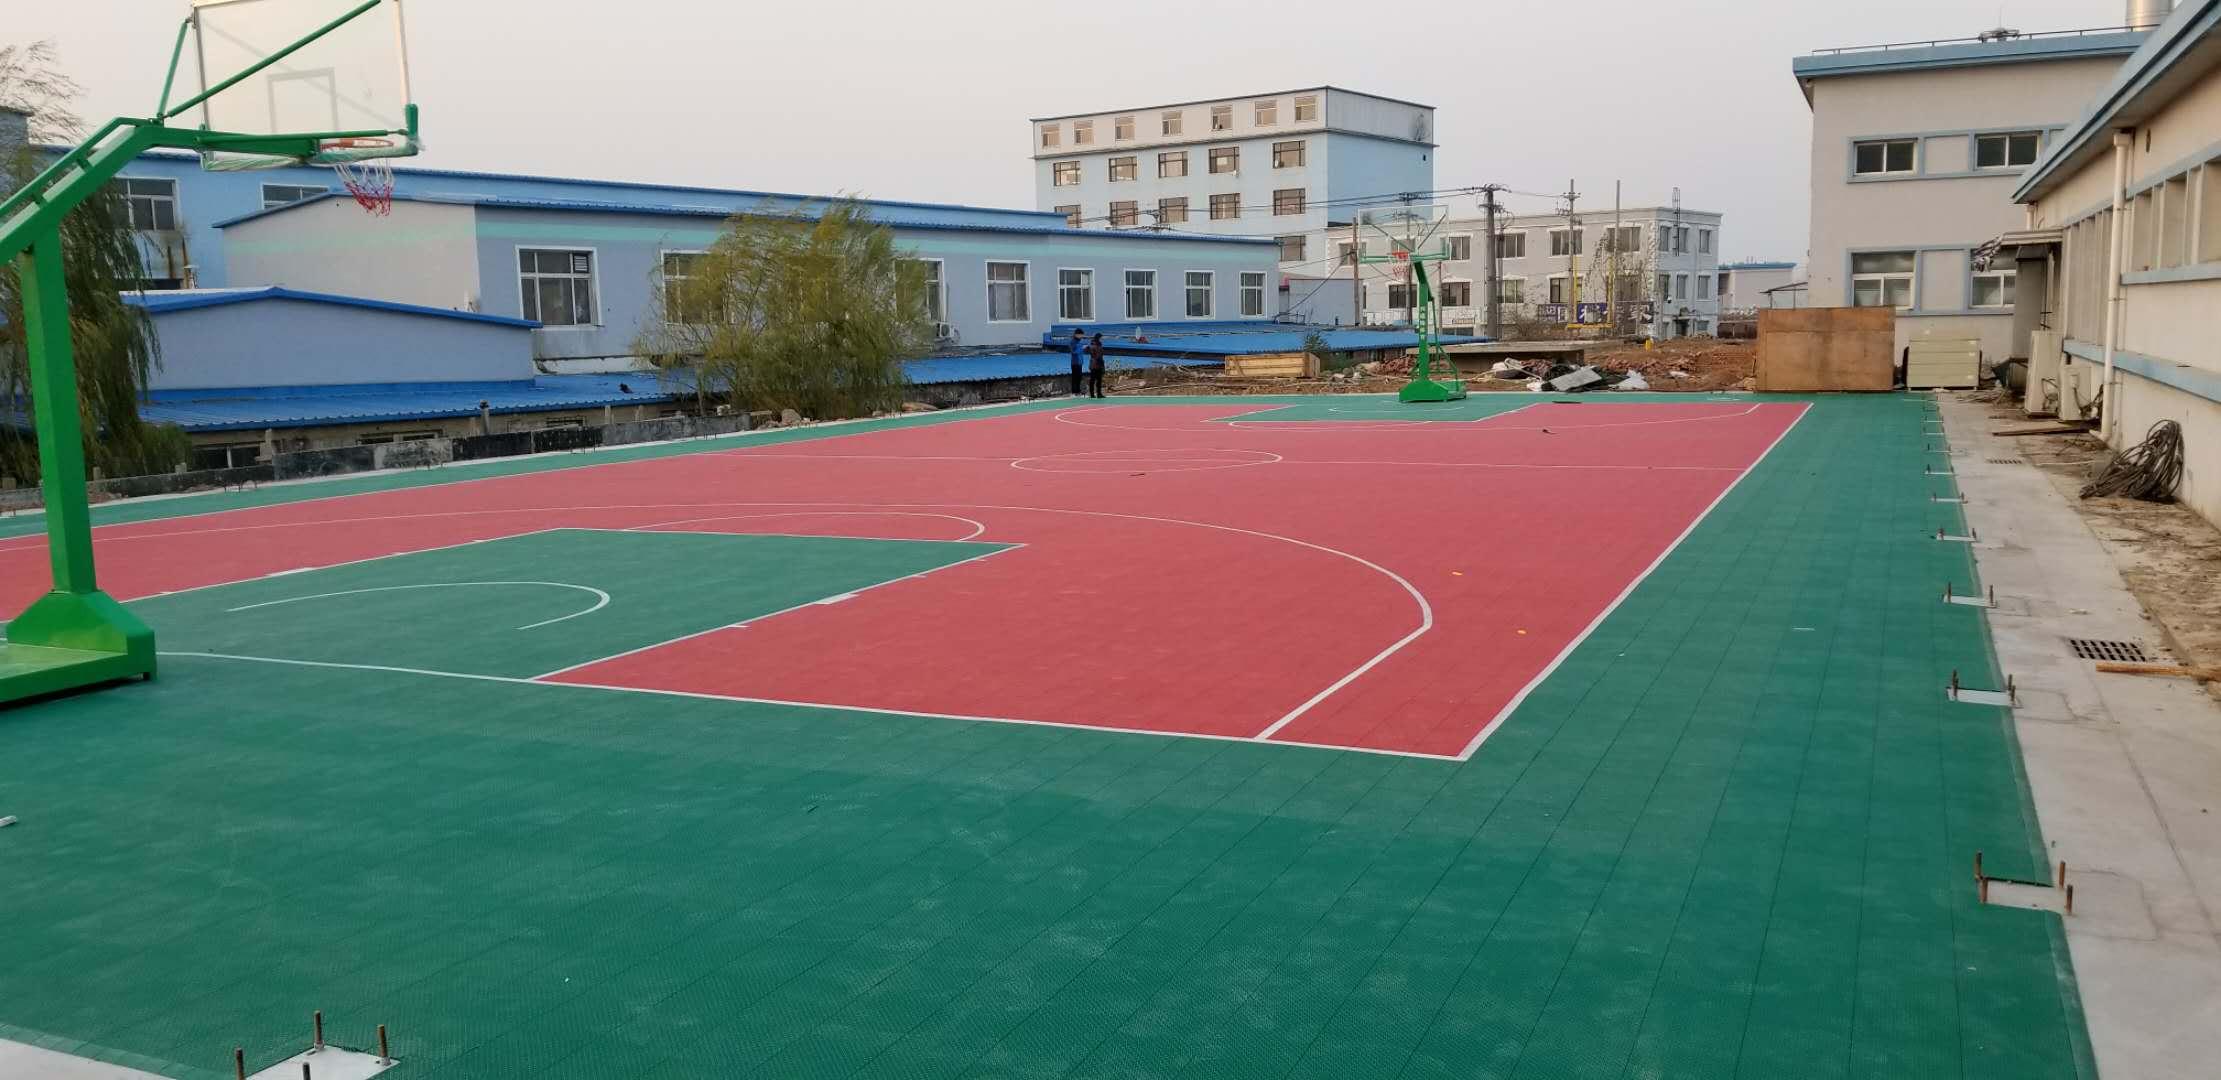 沈阳北动车运用所悬浮千赢国际客户端篮球场